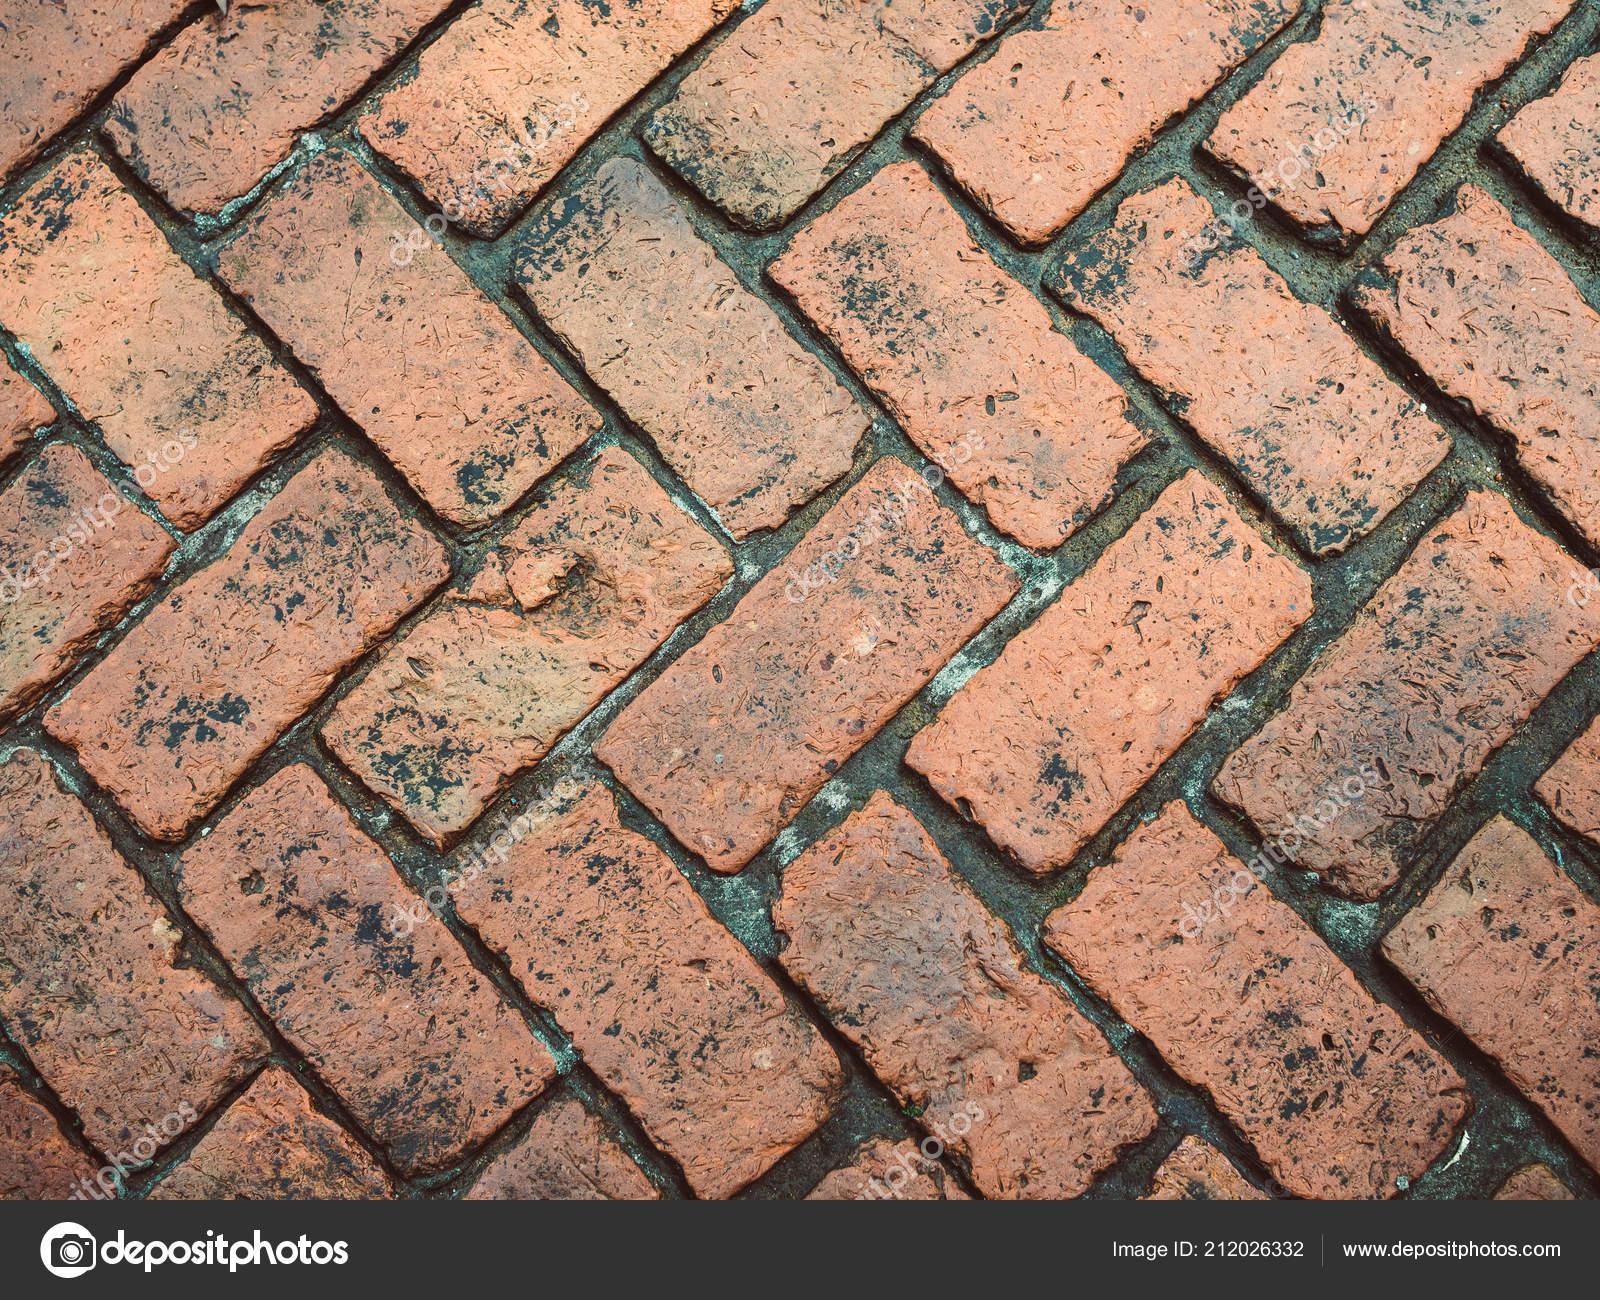 Fußboden Aus Ziegelsteinen ~ Alte orange ziegel gefliesten boden mit zickzackmuster textur